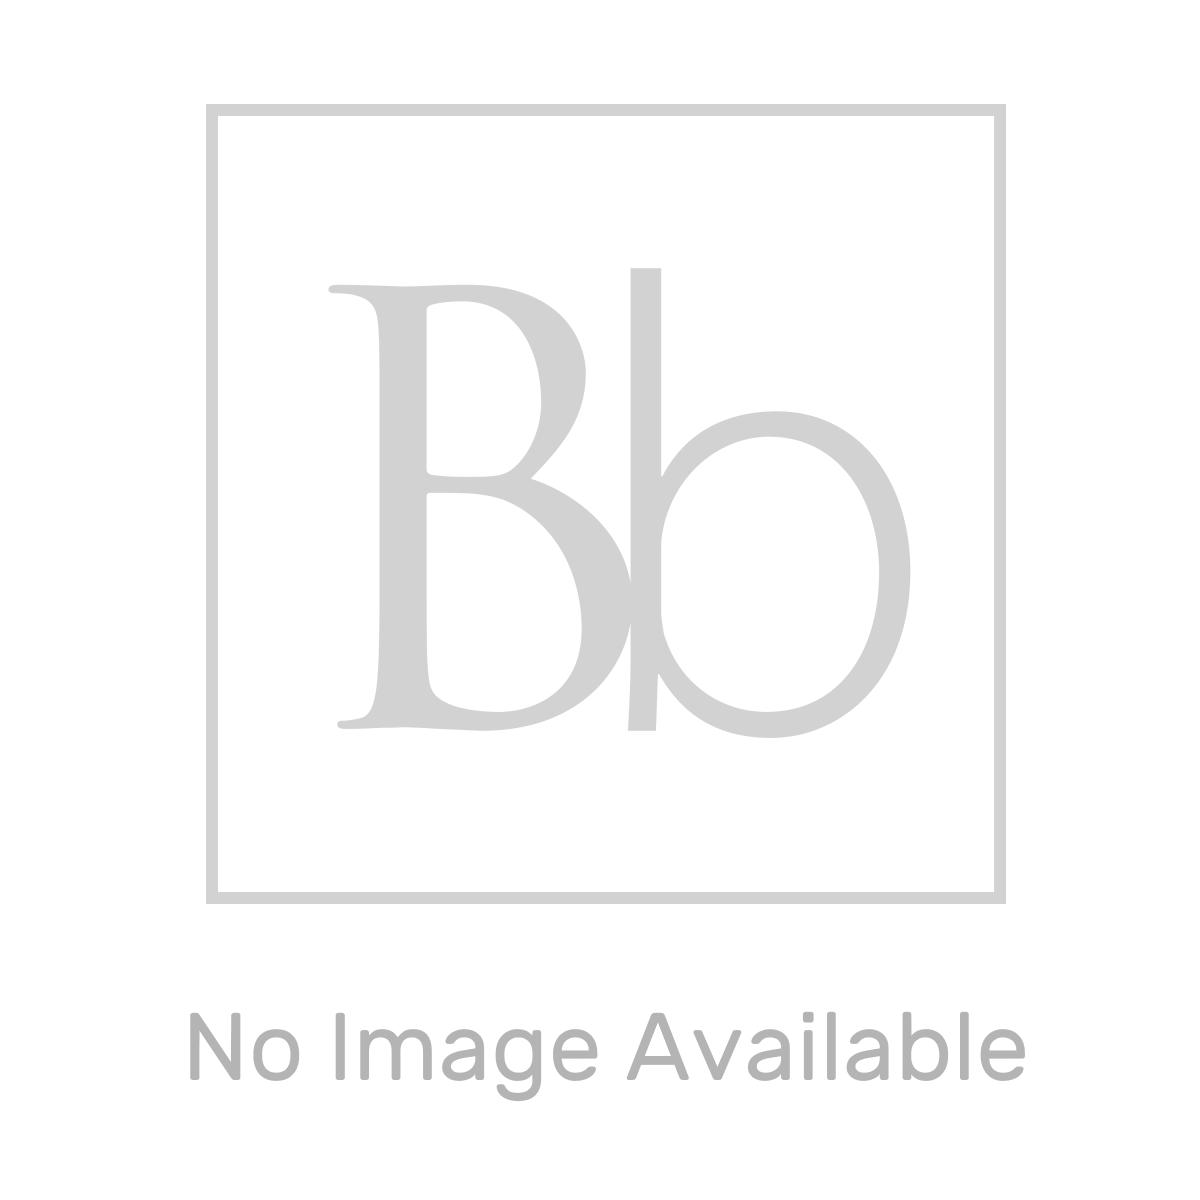 Premier High Gloss White Side Panel 1600mm